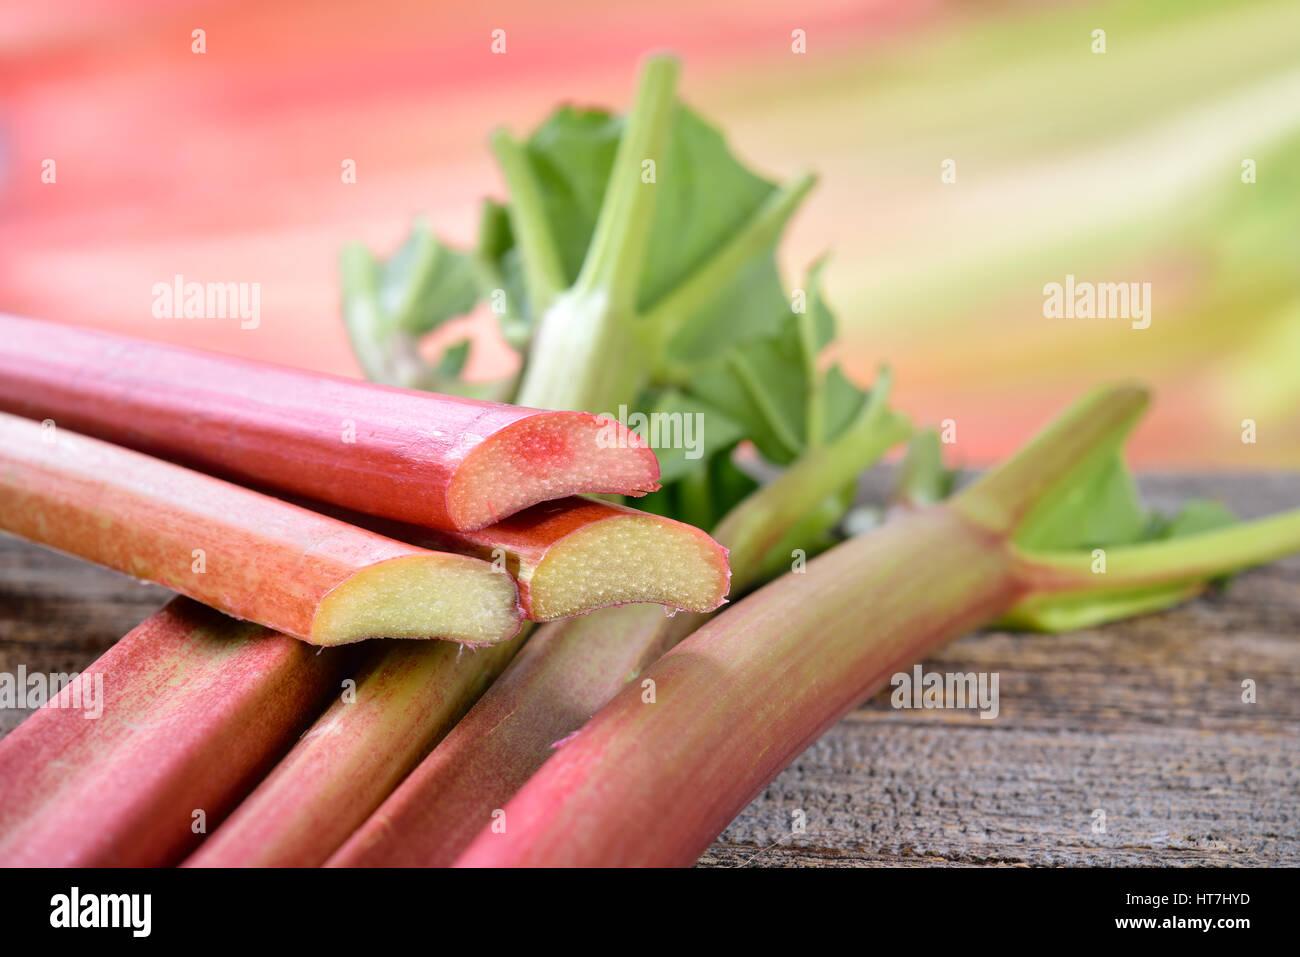 Frische ungeschälte Rhabarber auf einem Holztisch im Hintergrund, die, den andere Rhabarber in soft-Fokus Stängel Stockbild